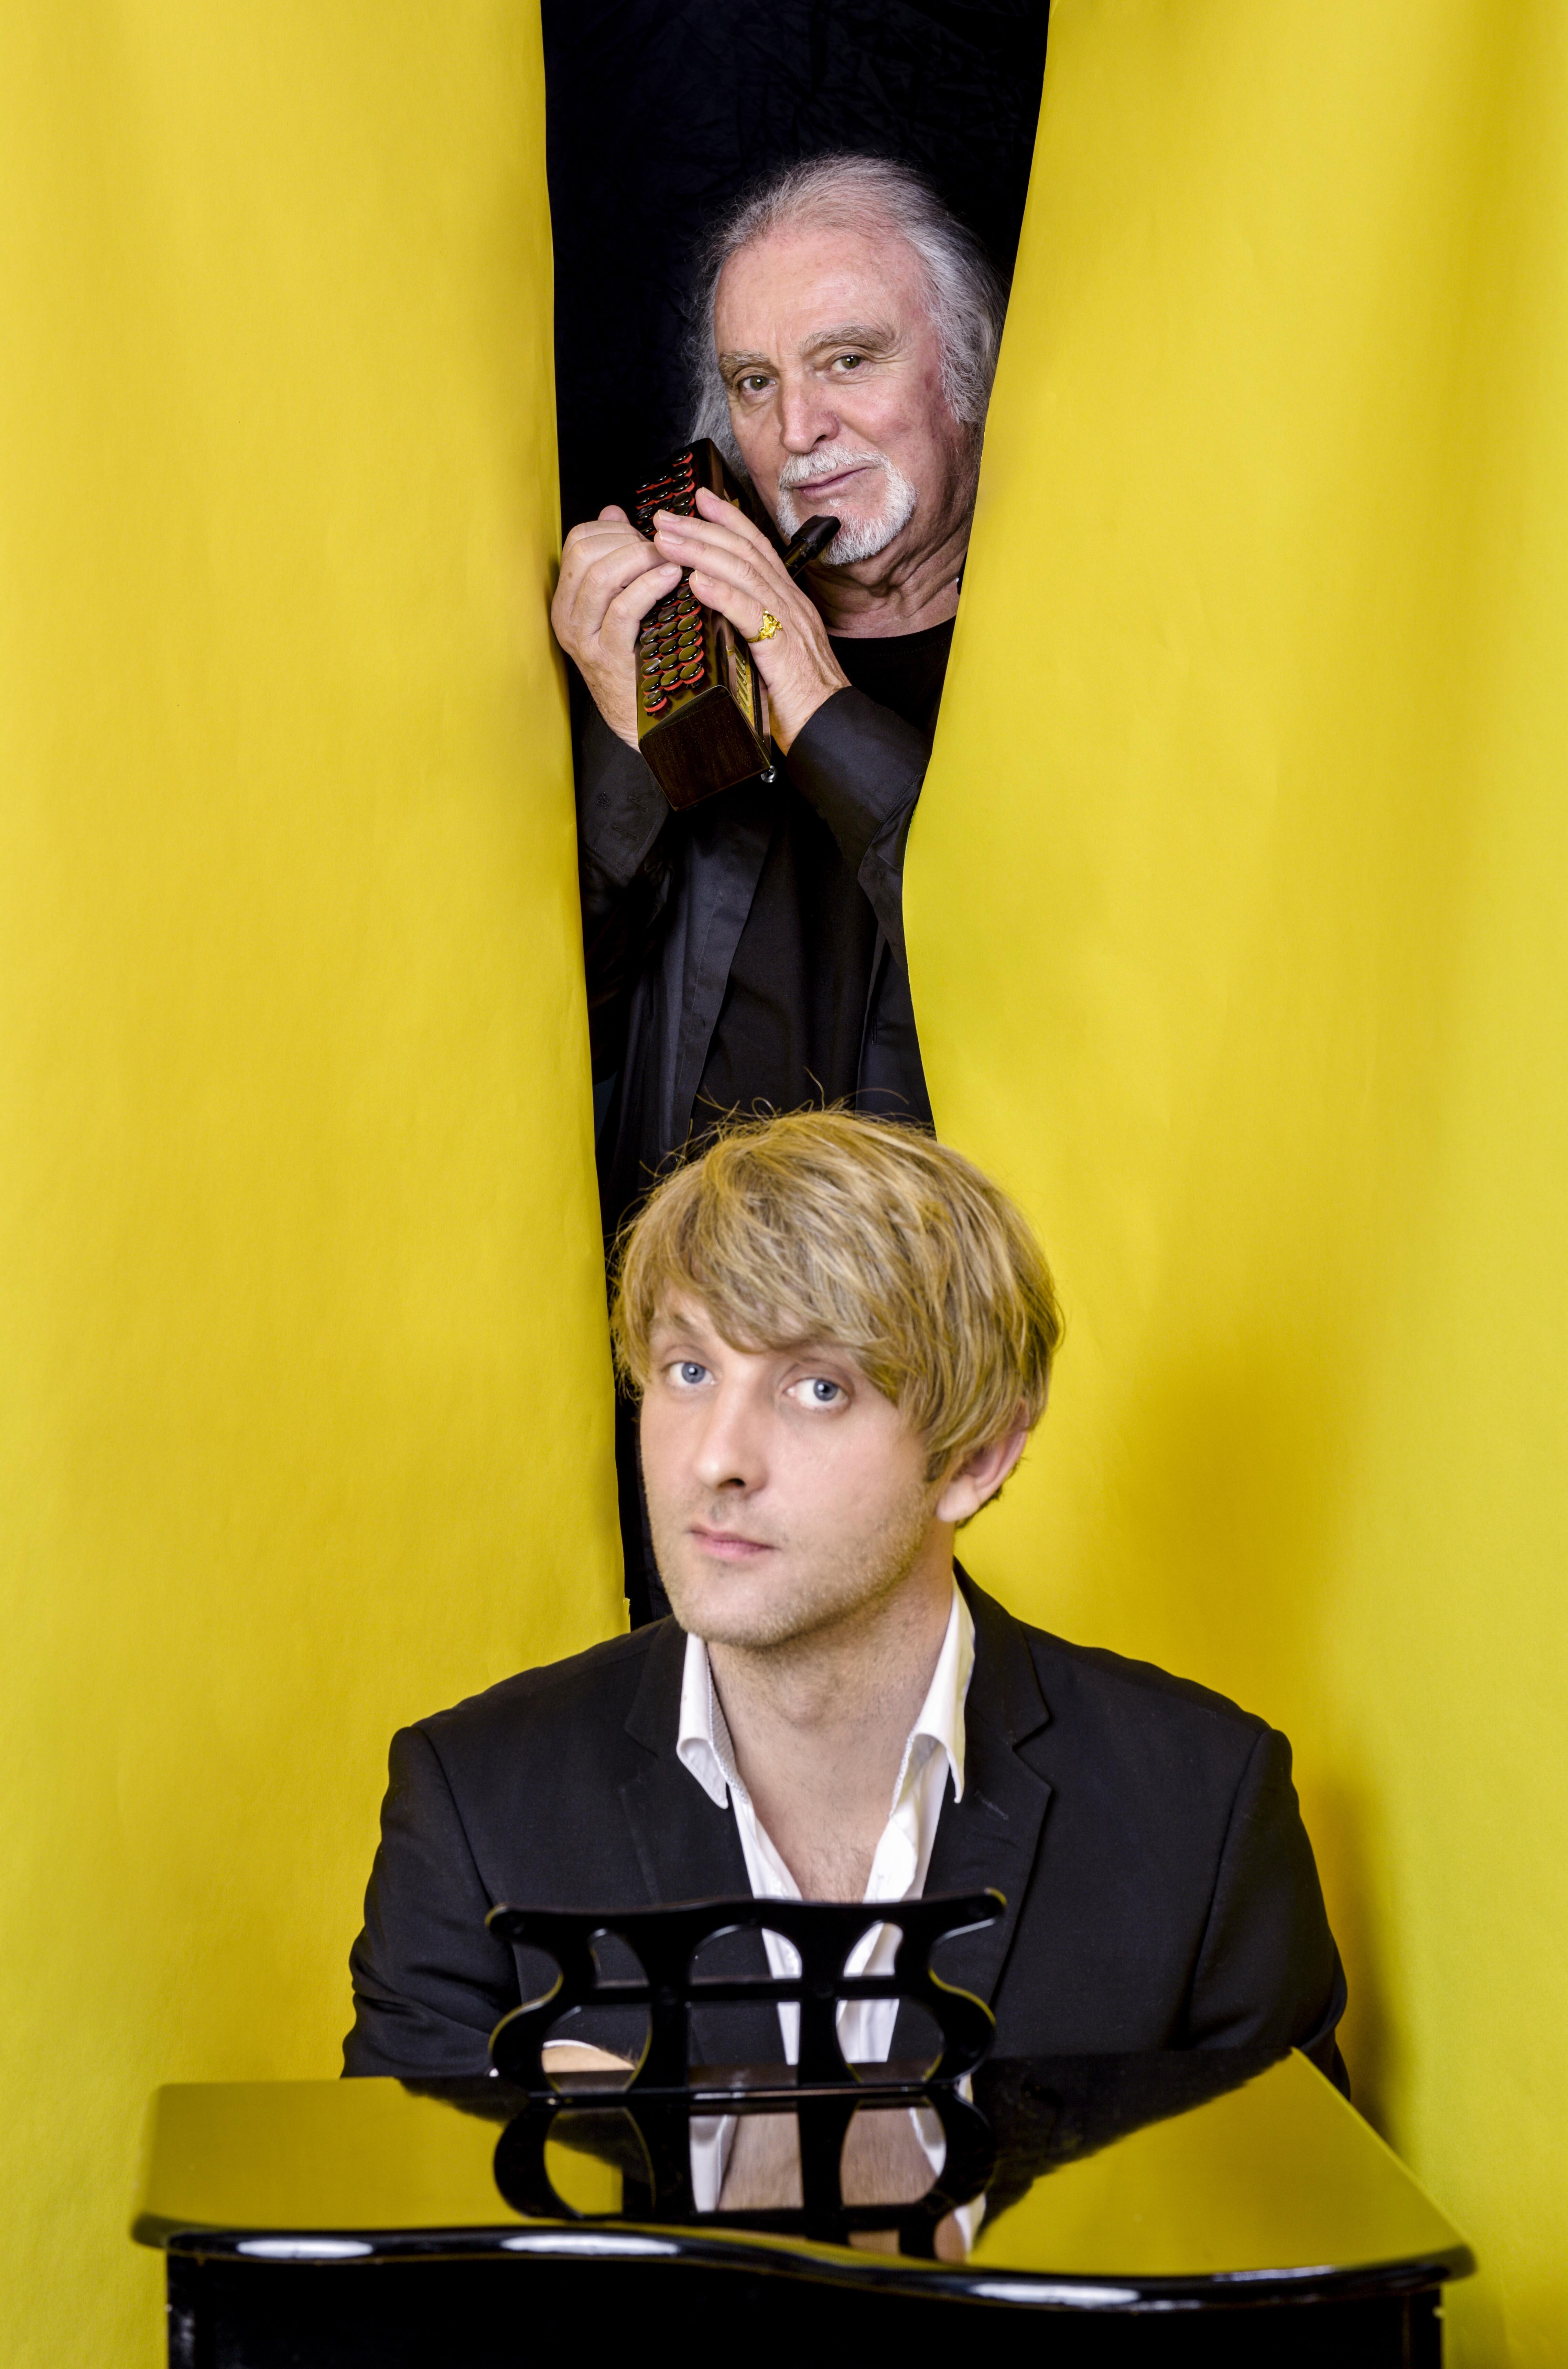 Le Grand Blond et L'acordeoniste_XAP9091